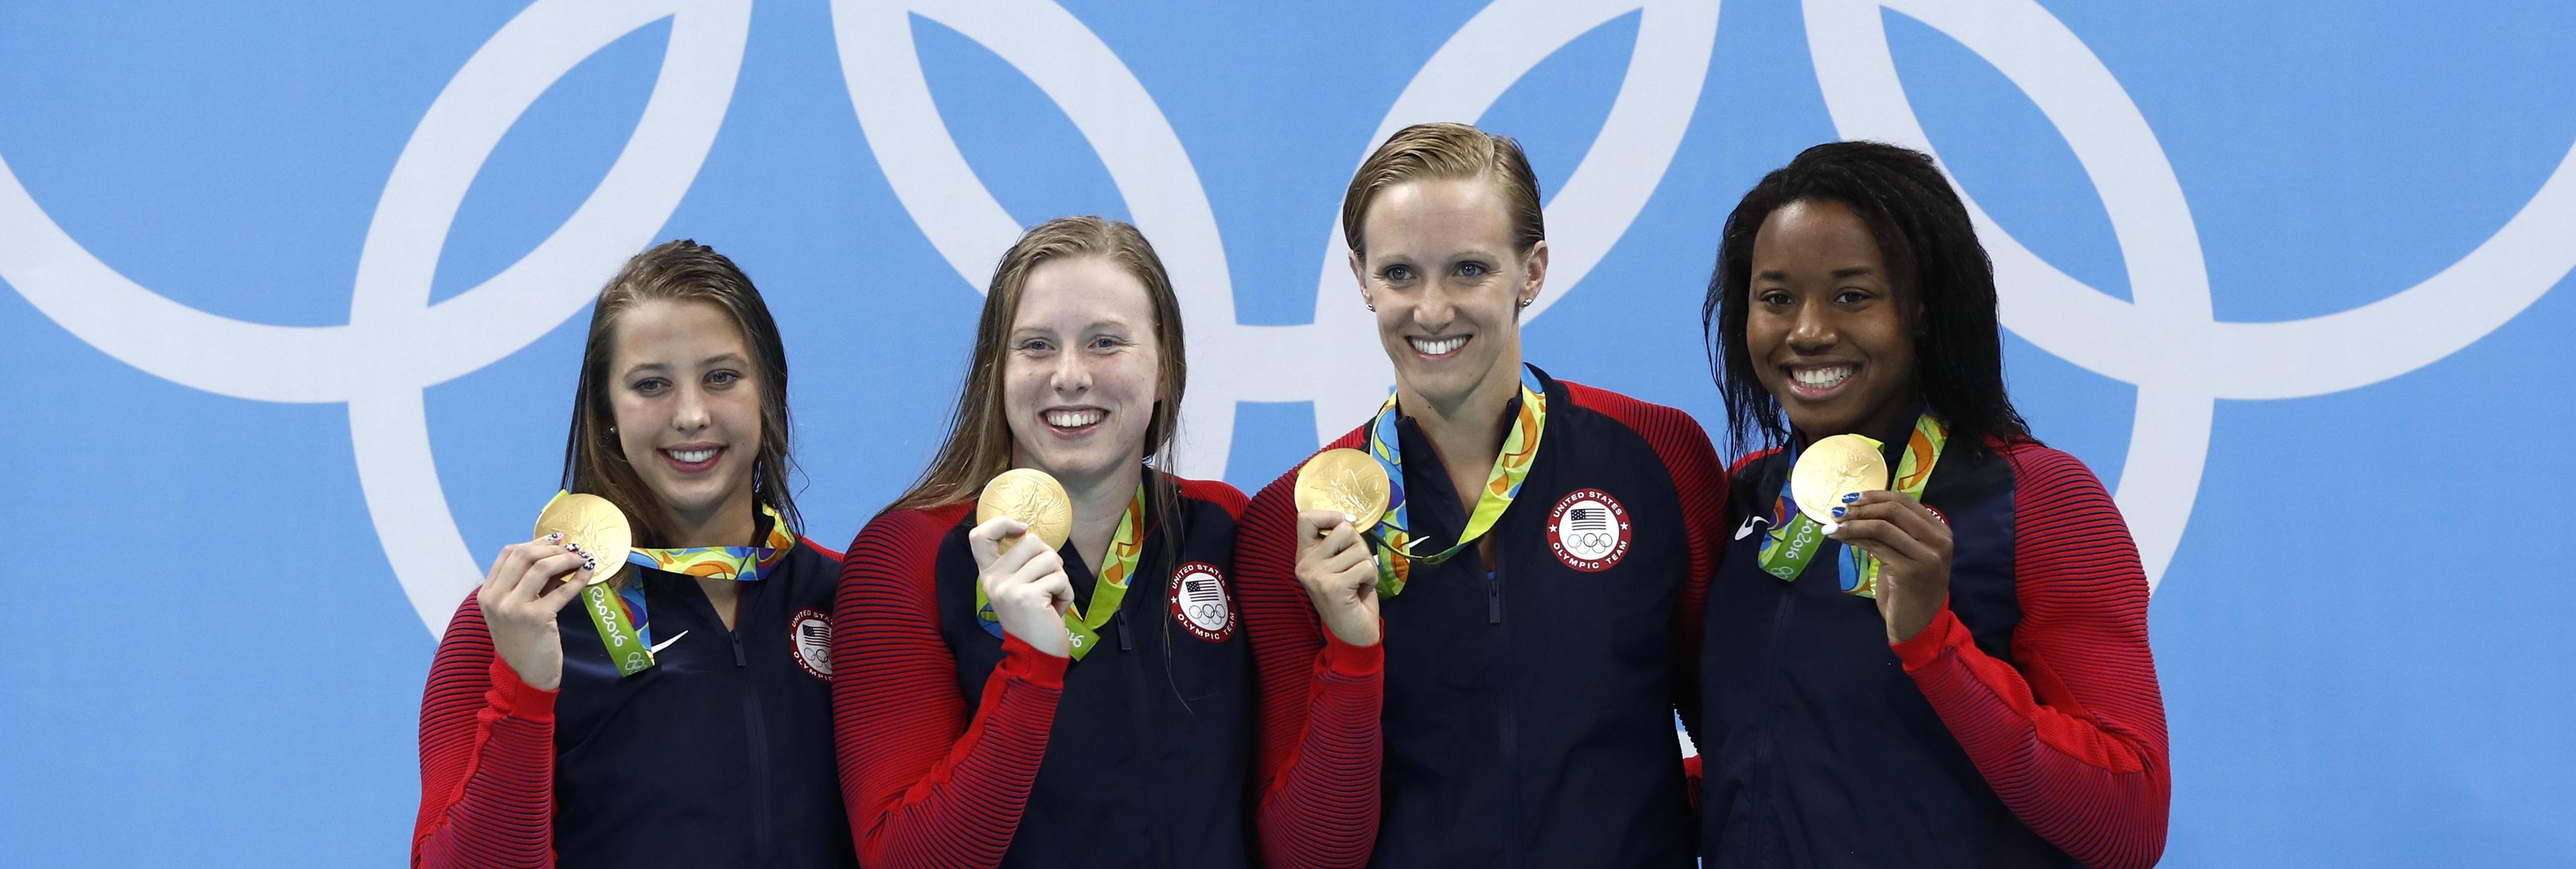 Los titulares más degradantes de los Juegos Olímpicos de Río 2016